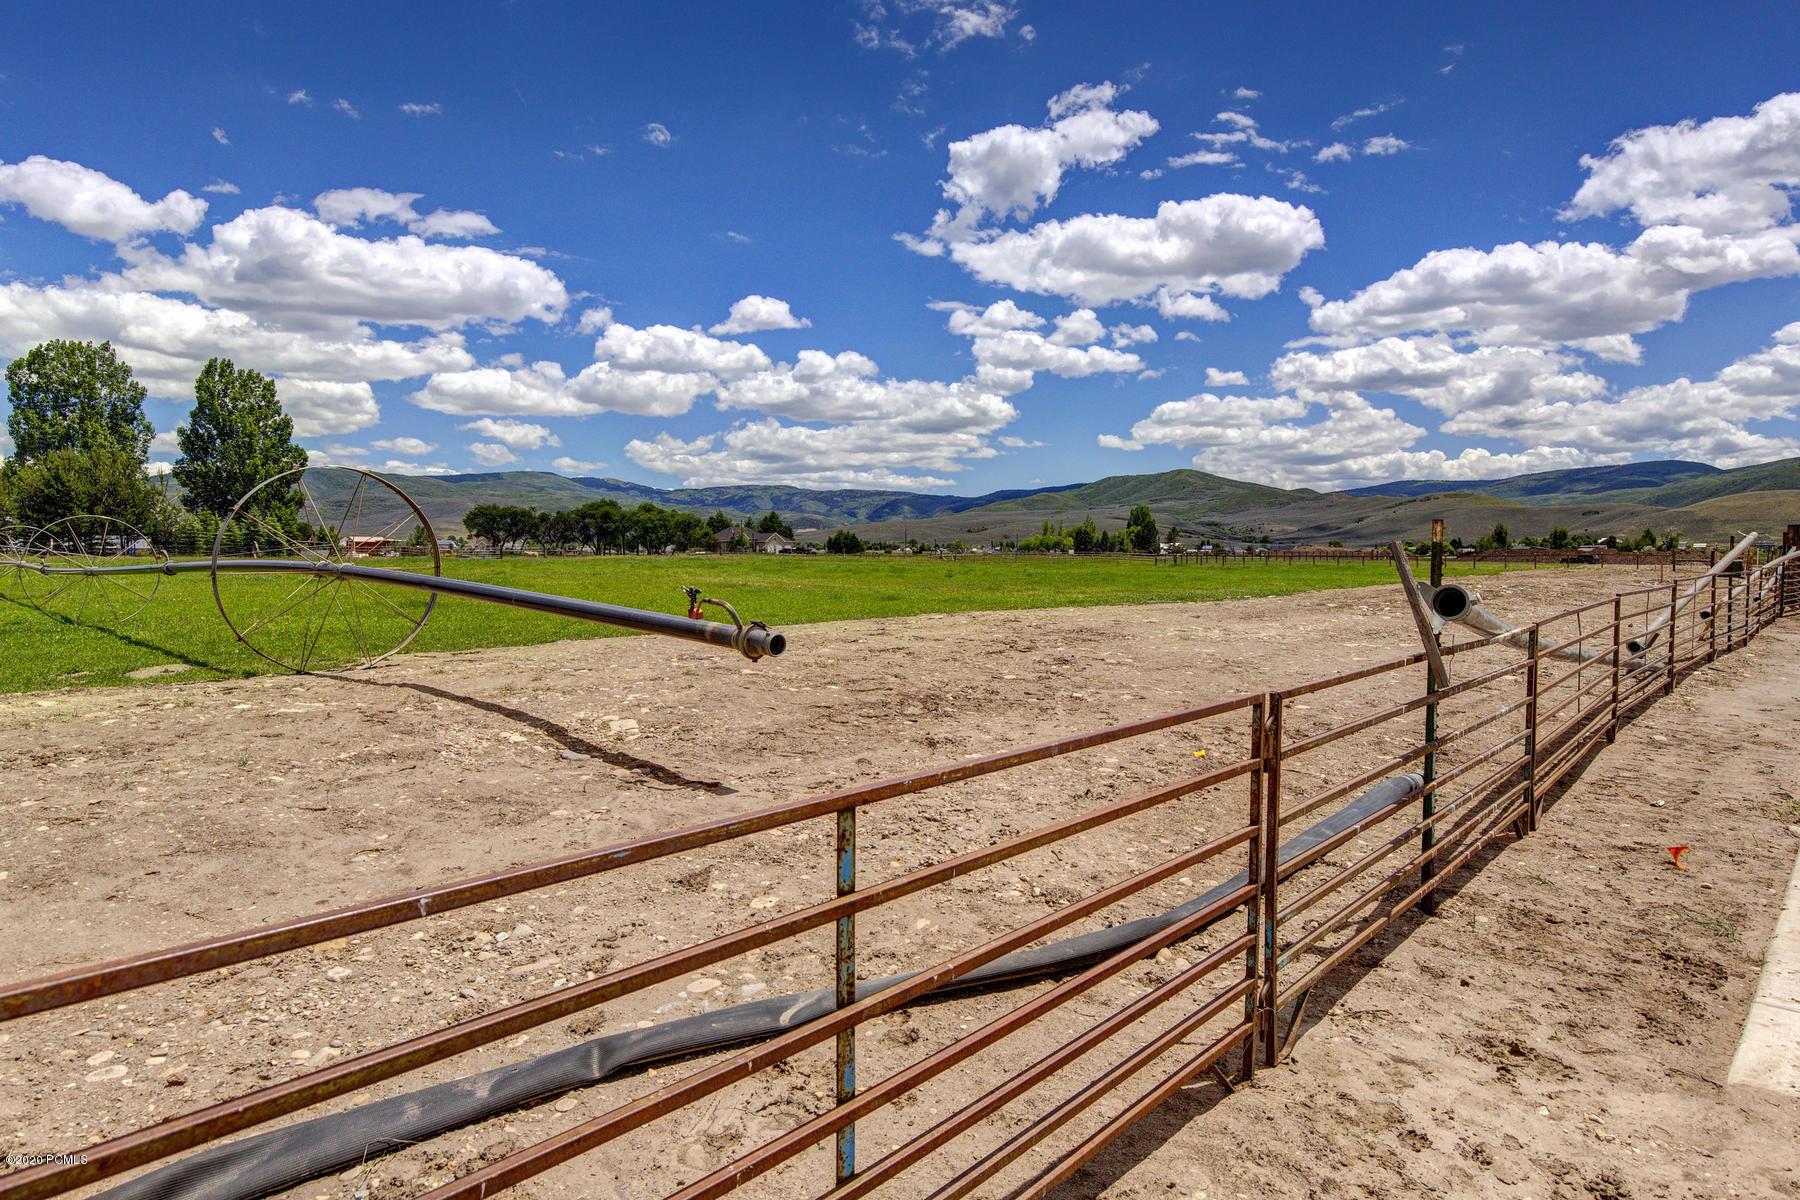 1455 2240 East, Heber City, Utah 84032, ,Land,For Sale,2240,12001903